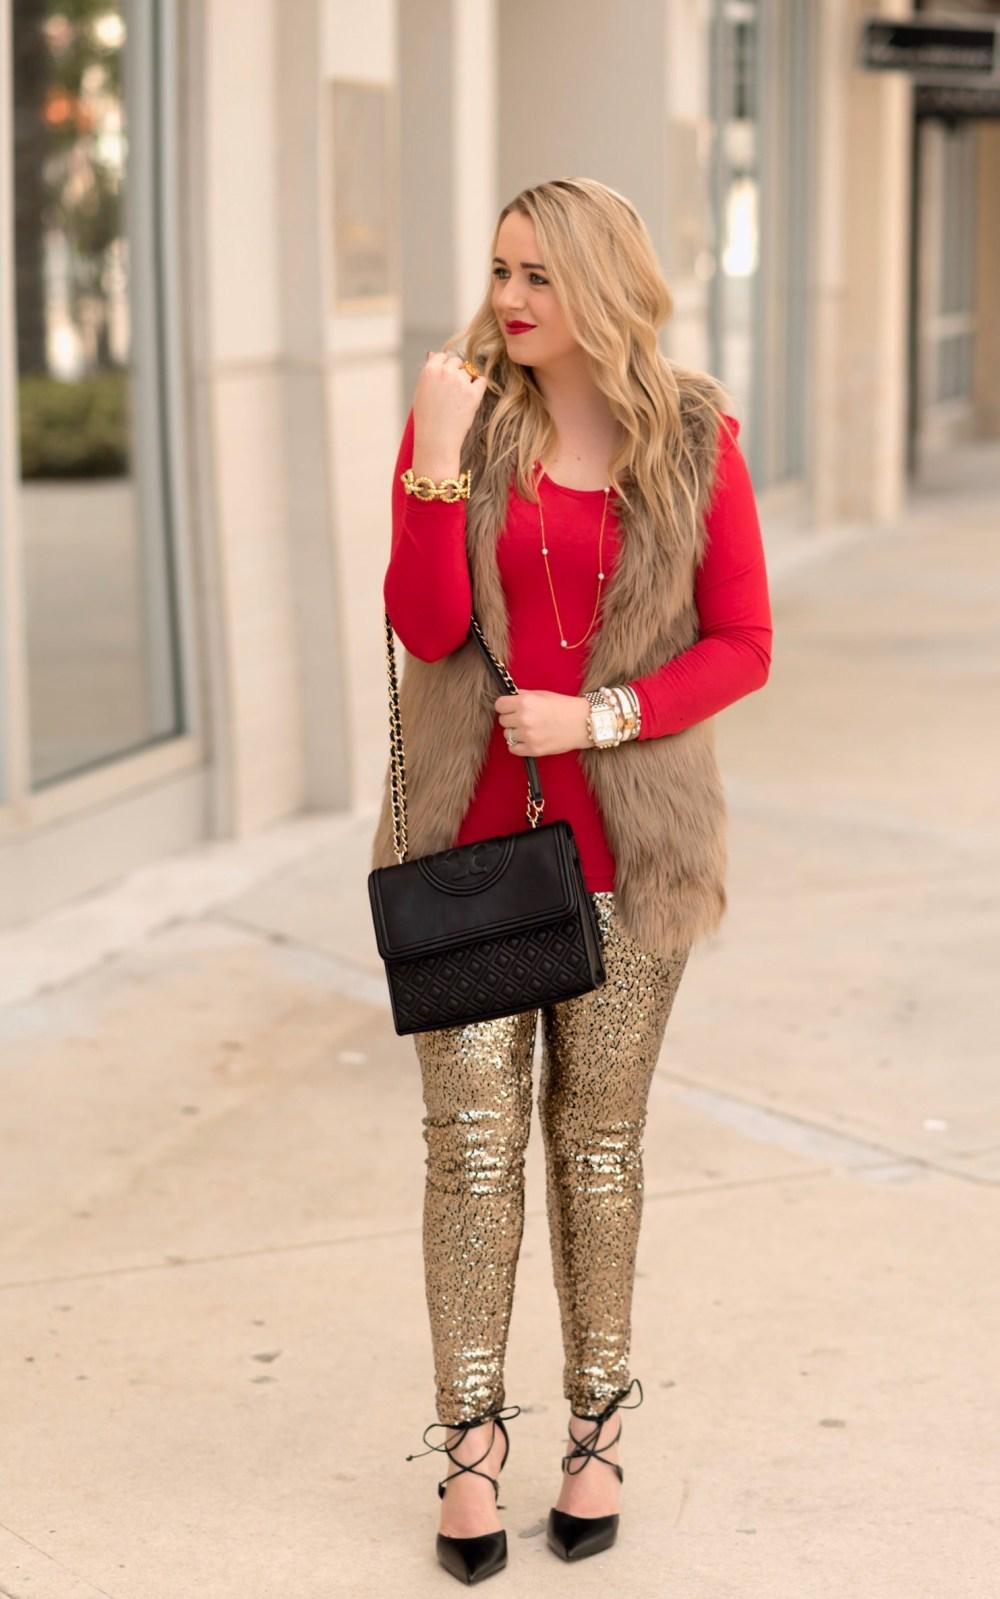 gianni-bini-fan-fav-tabitha-pull-on-sequin-leggings-fancy-things